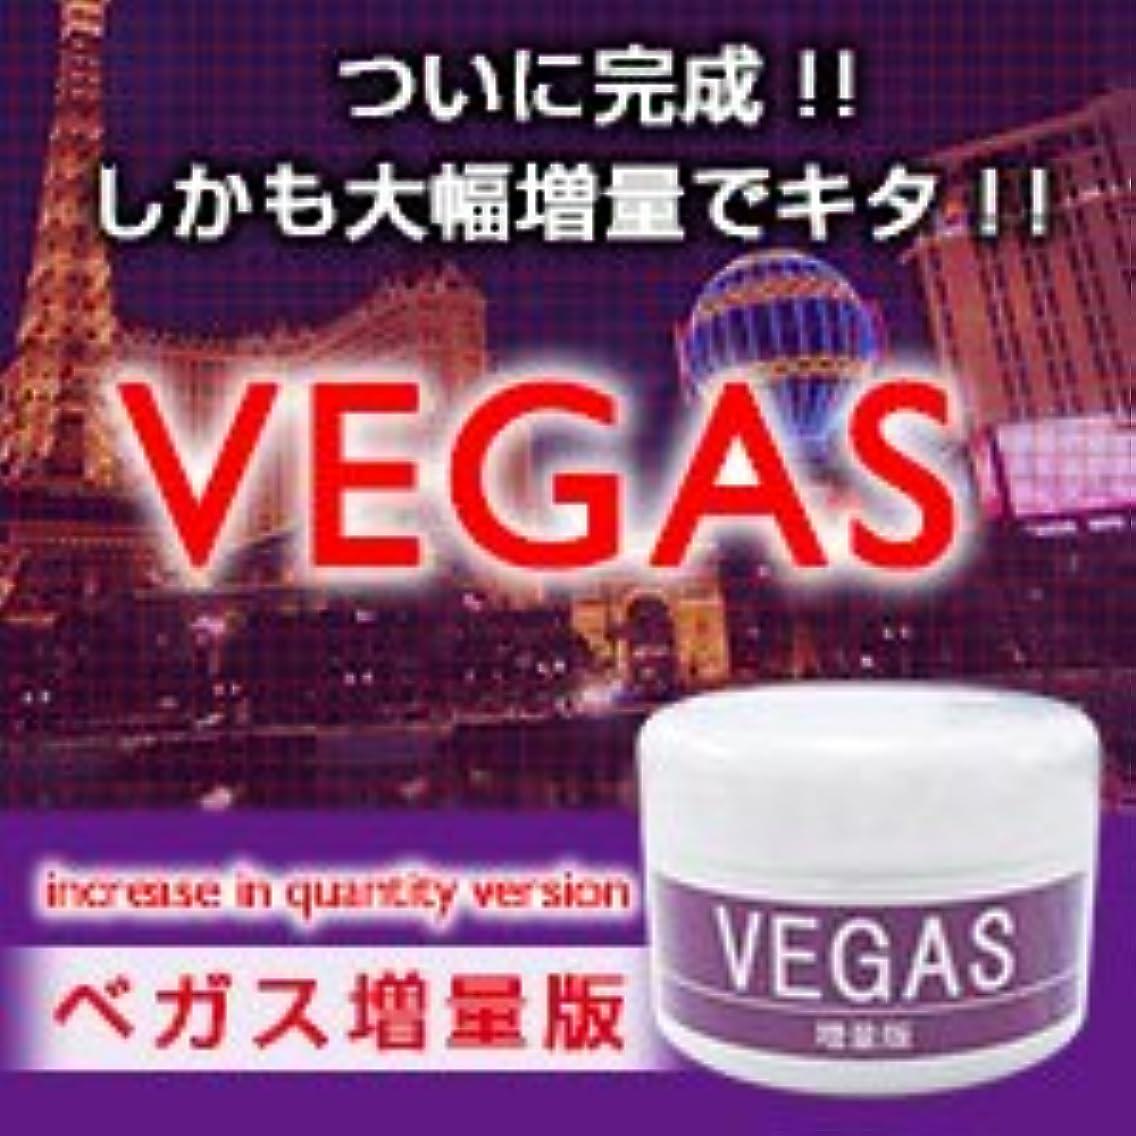 VEGAS 増量版(ベガス ゾウリョウバン)/【CC】